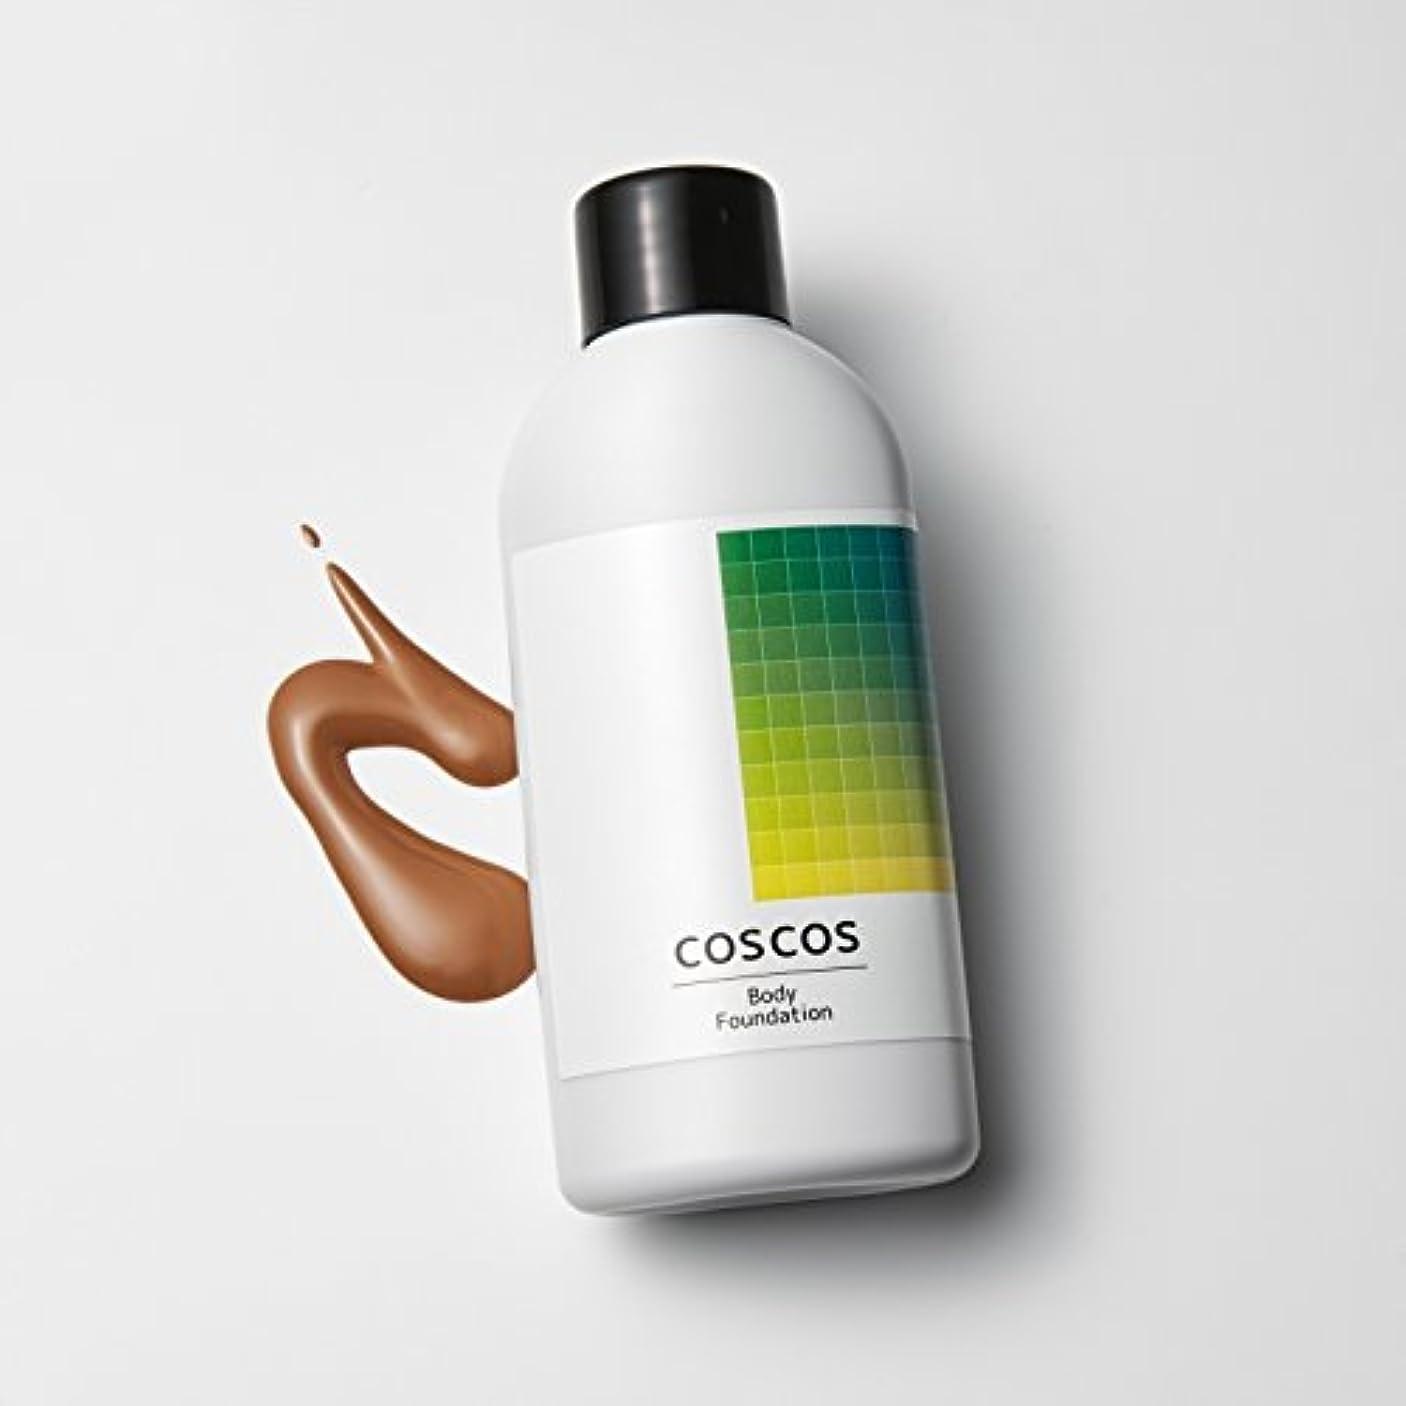 ファイアル動員する買収COSCOS(コスコス) ボディファンデーション(褐色肌/BR01) H